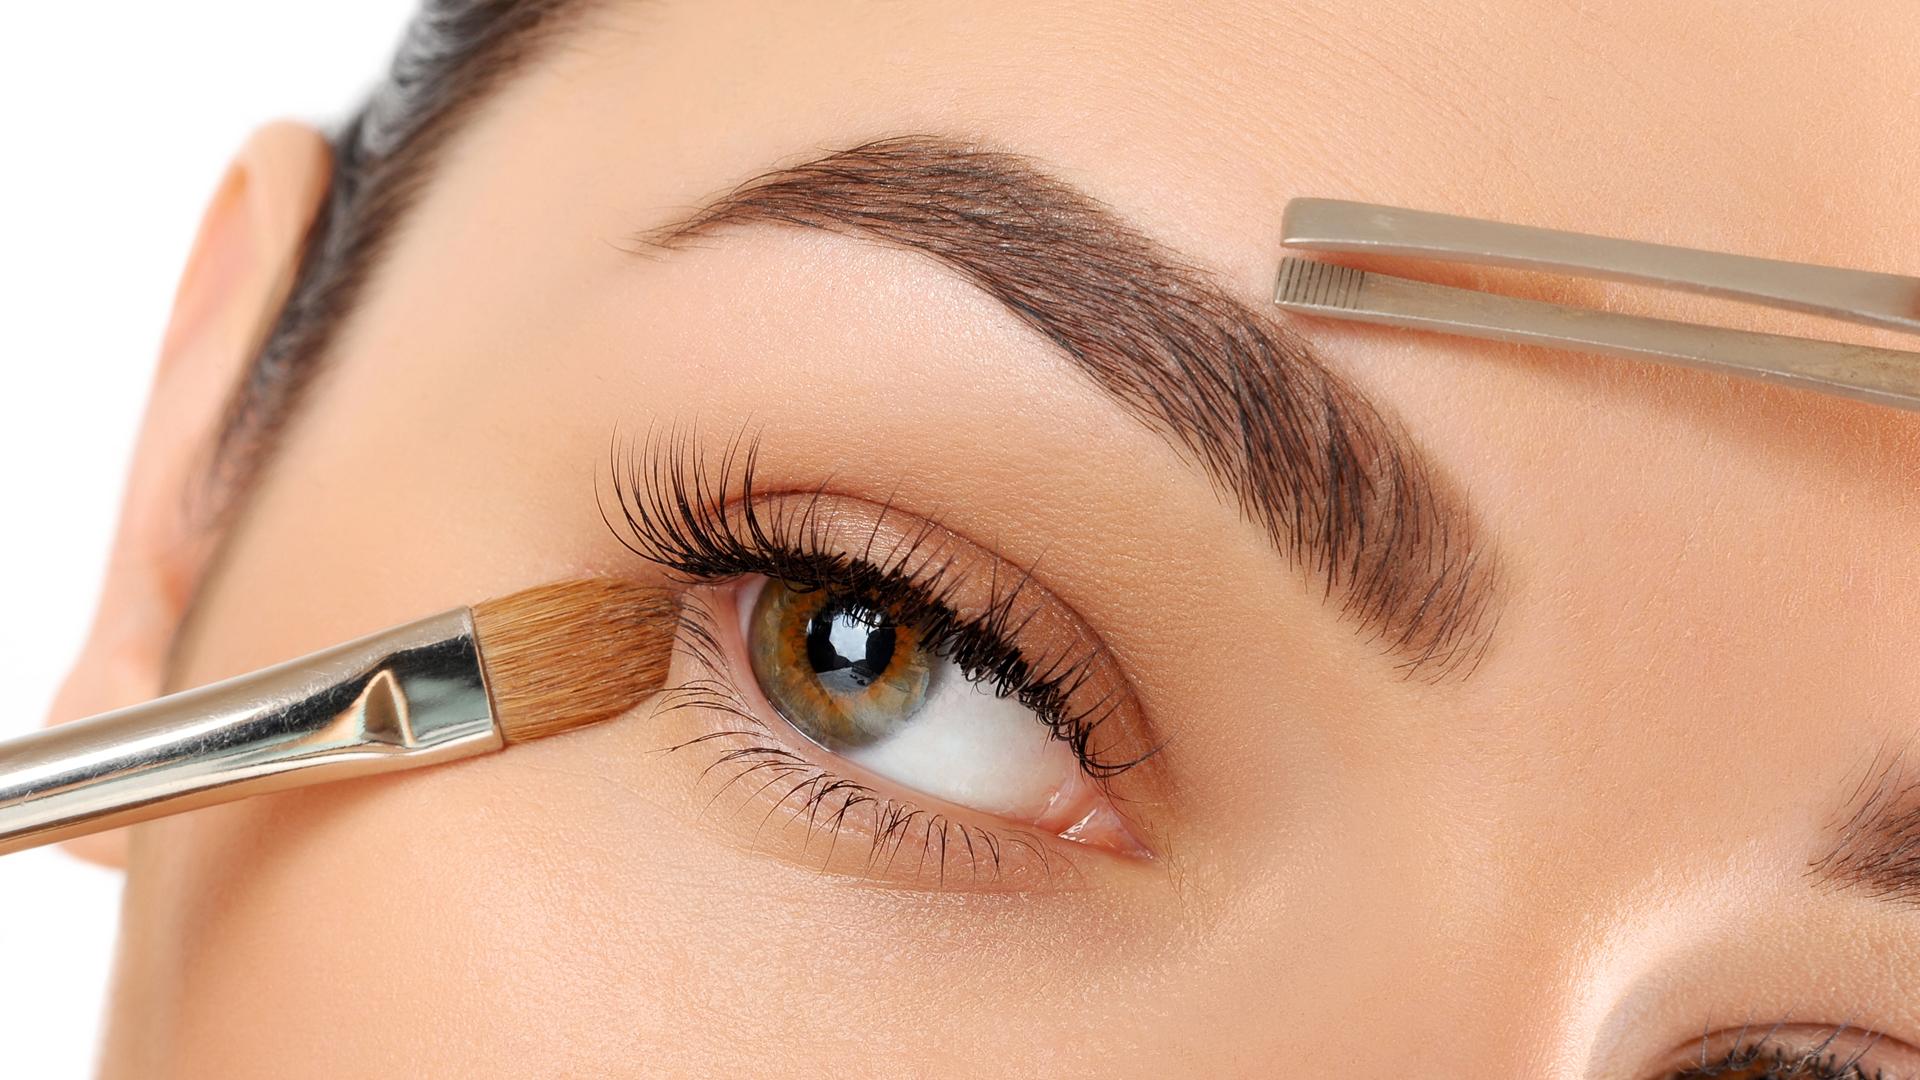 Cejas De Hombre perfilado de cejas, la última tendencia para intensificar la